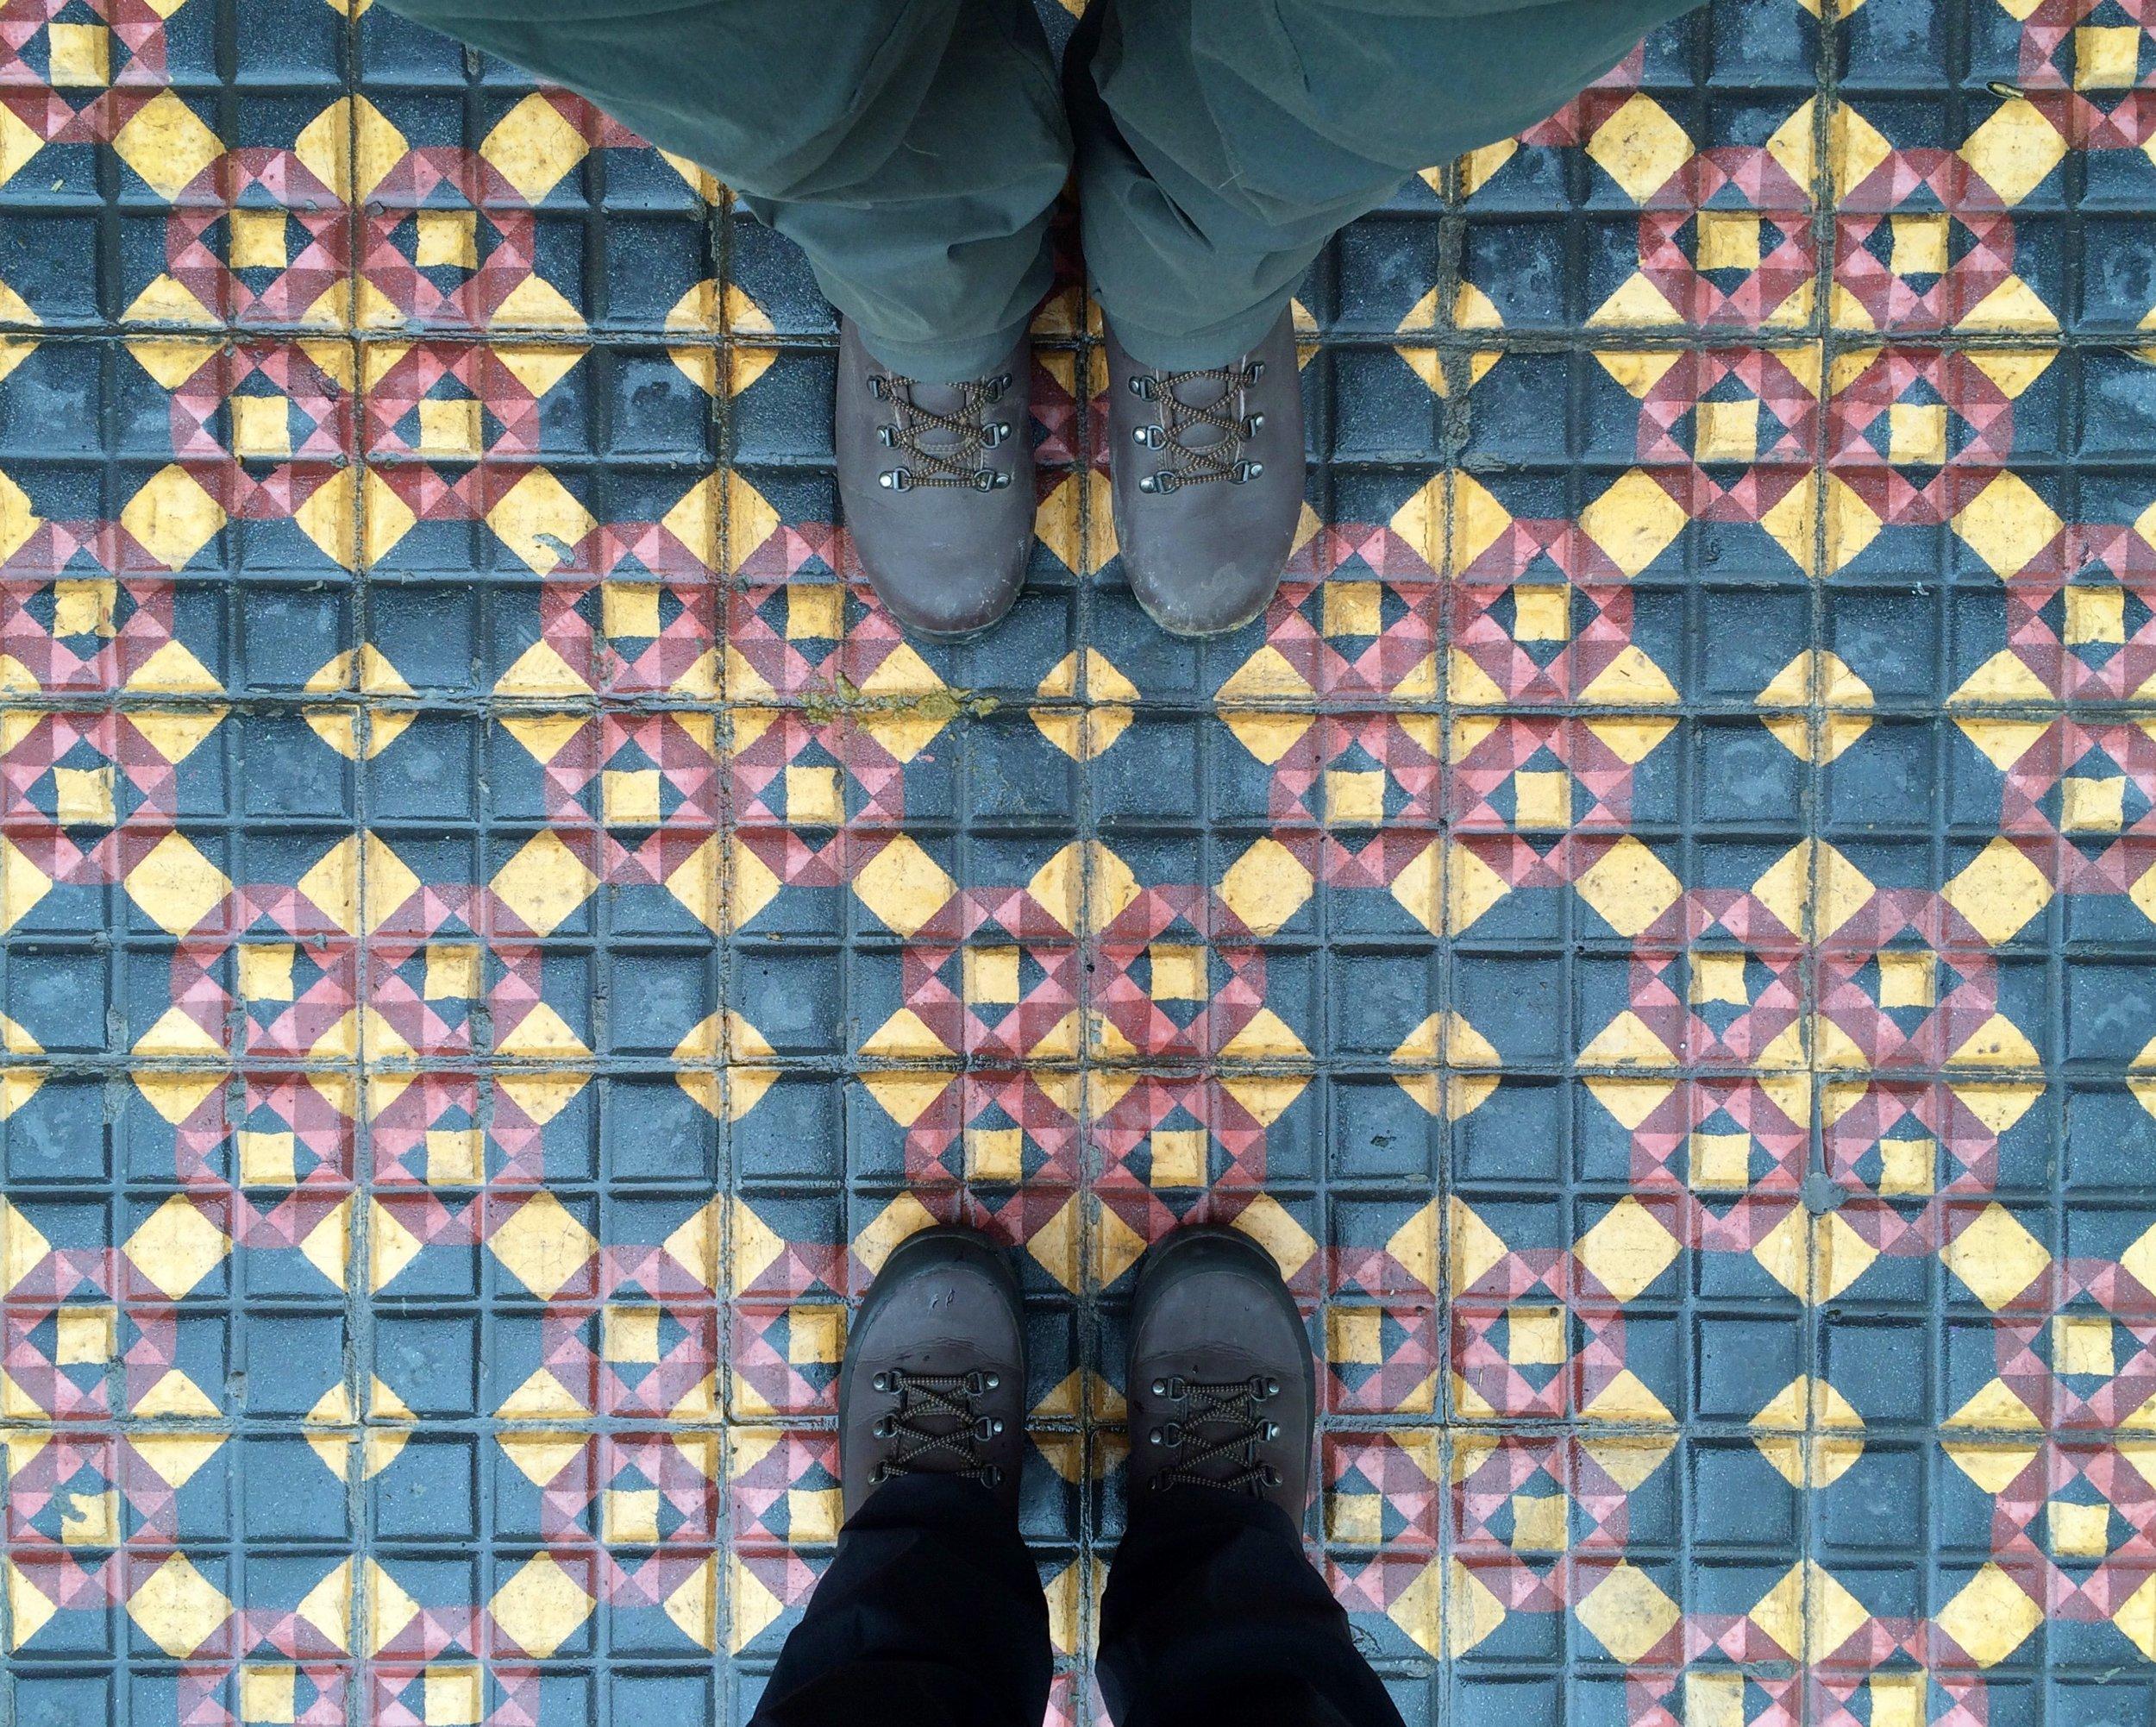 Tiles in San Telmo